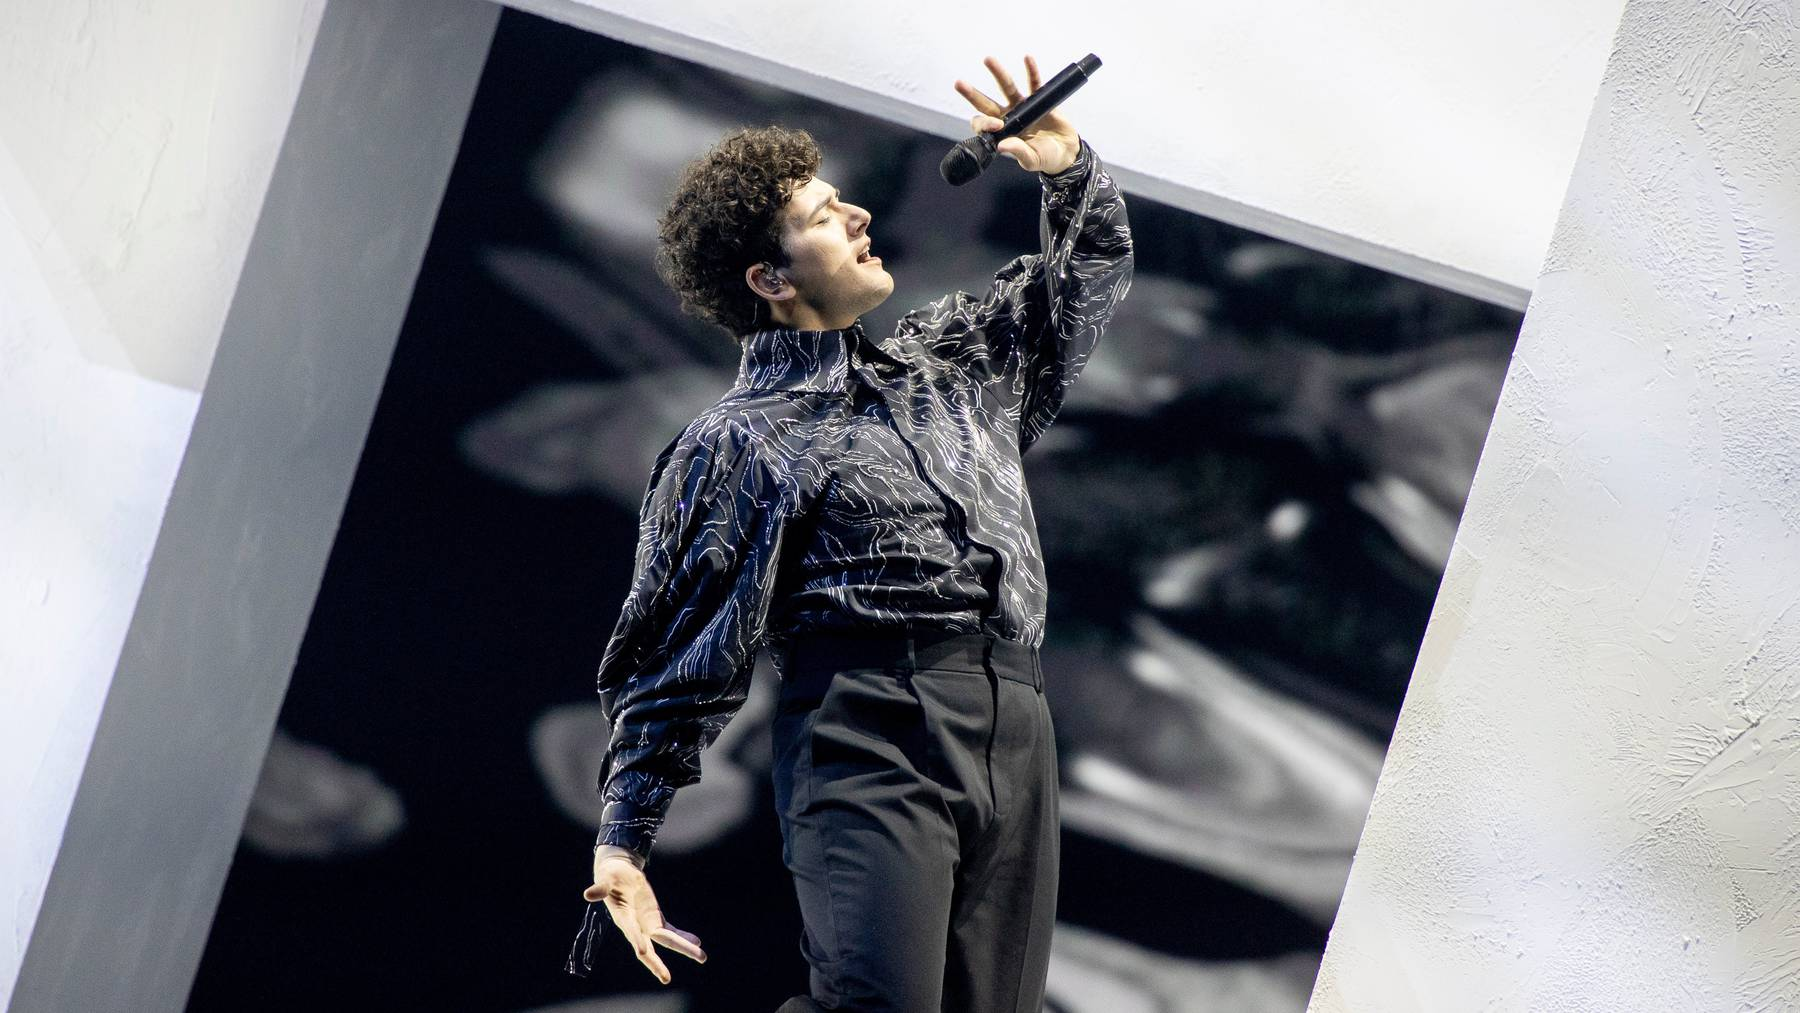 Eurovision Song Contest 2021 - Gjon's Tears